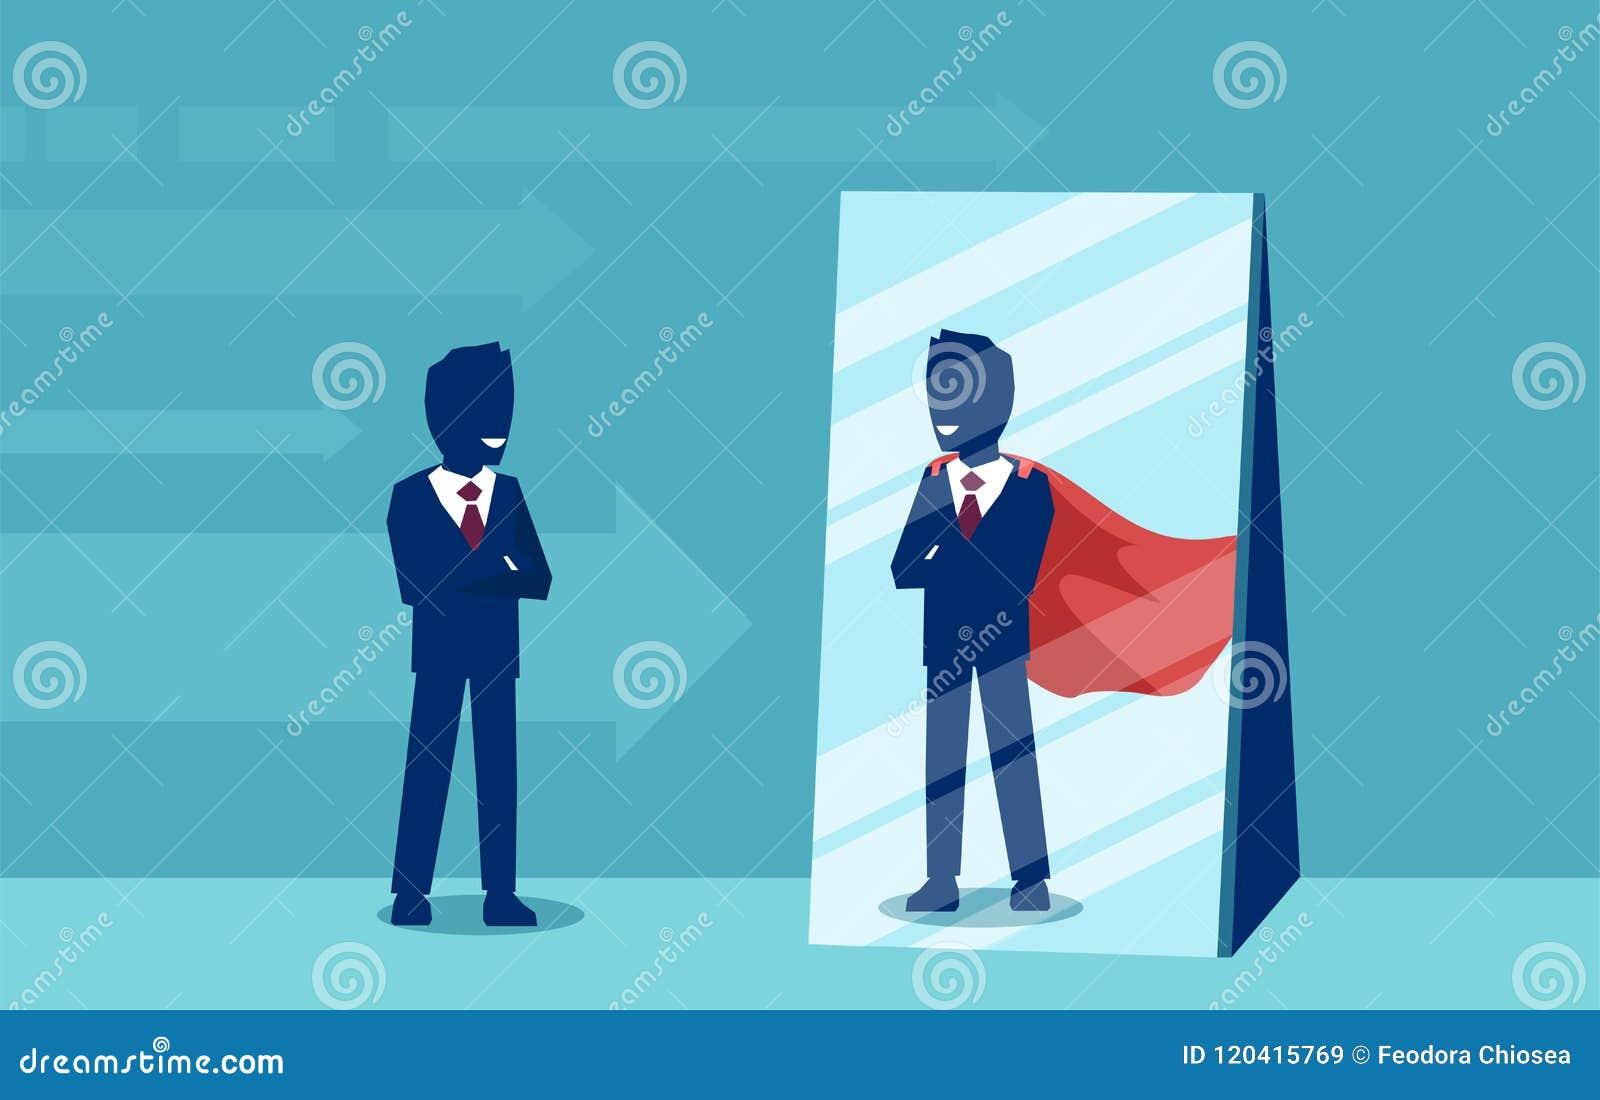 Vektor av en motiverad affärsman som vänder mot sig som en toppen hjälte i spegeln